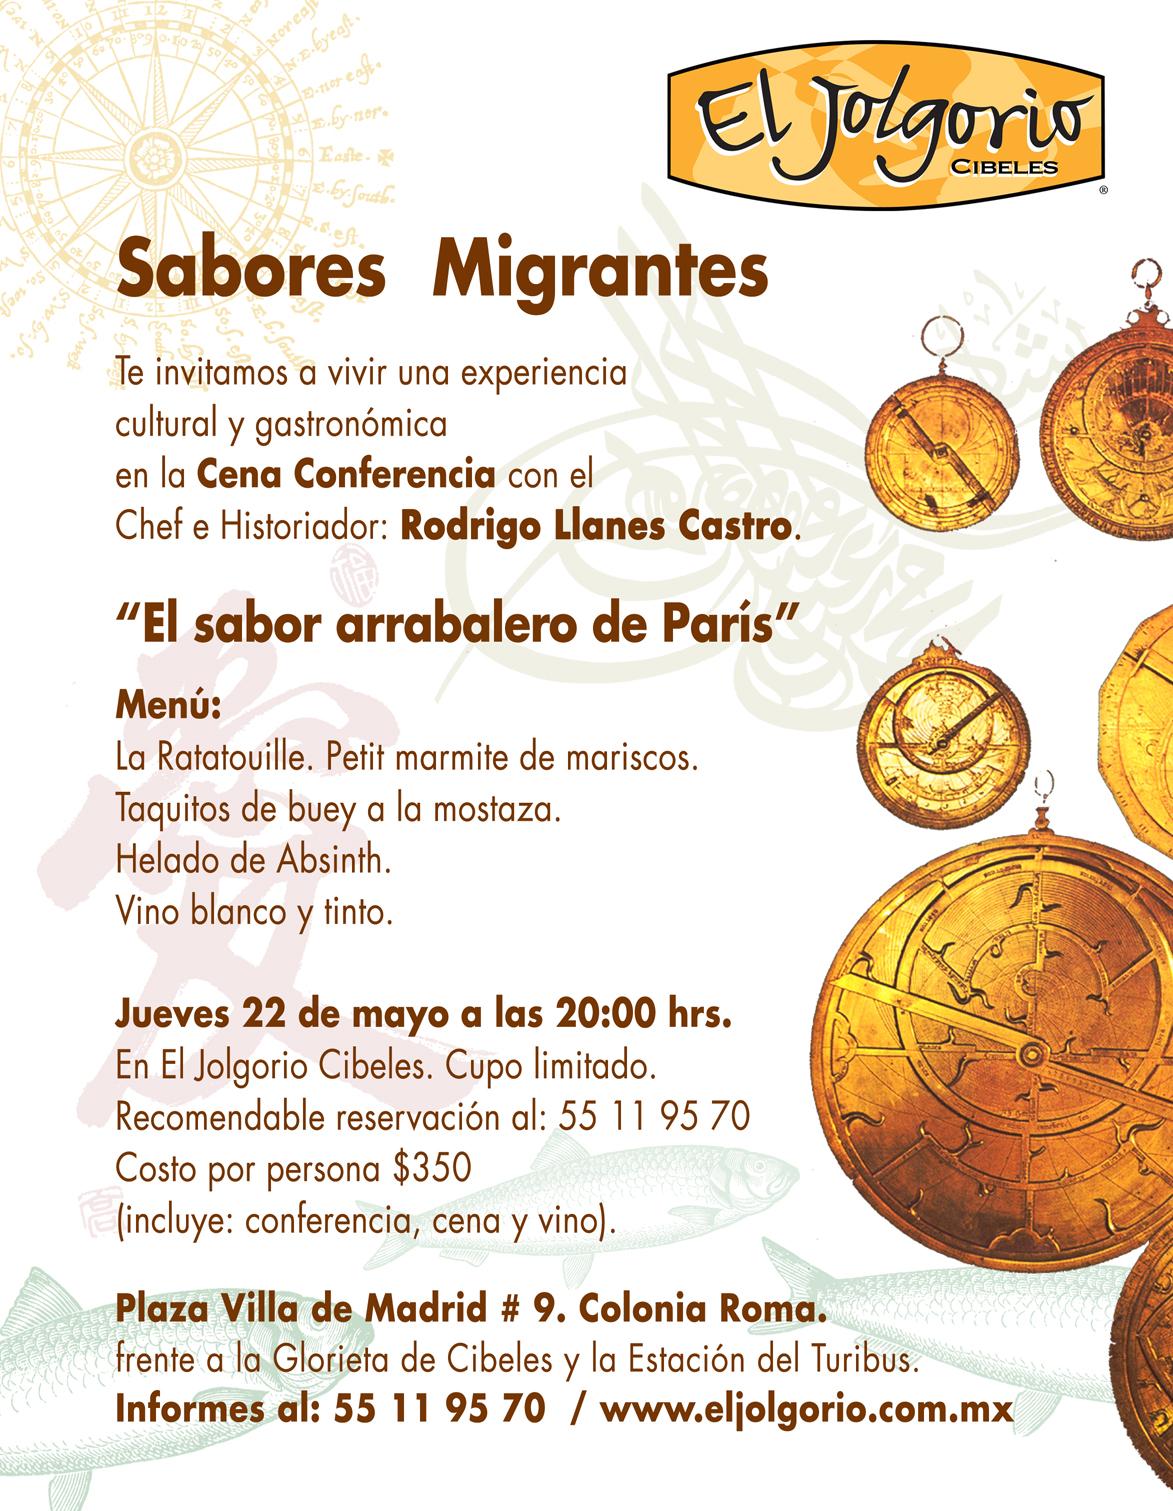 Sabores Migrantes 10